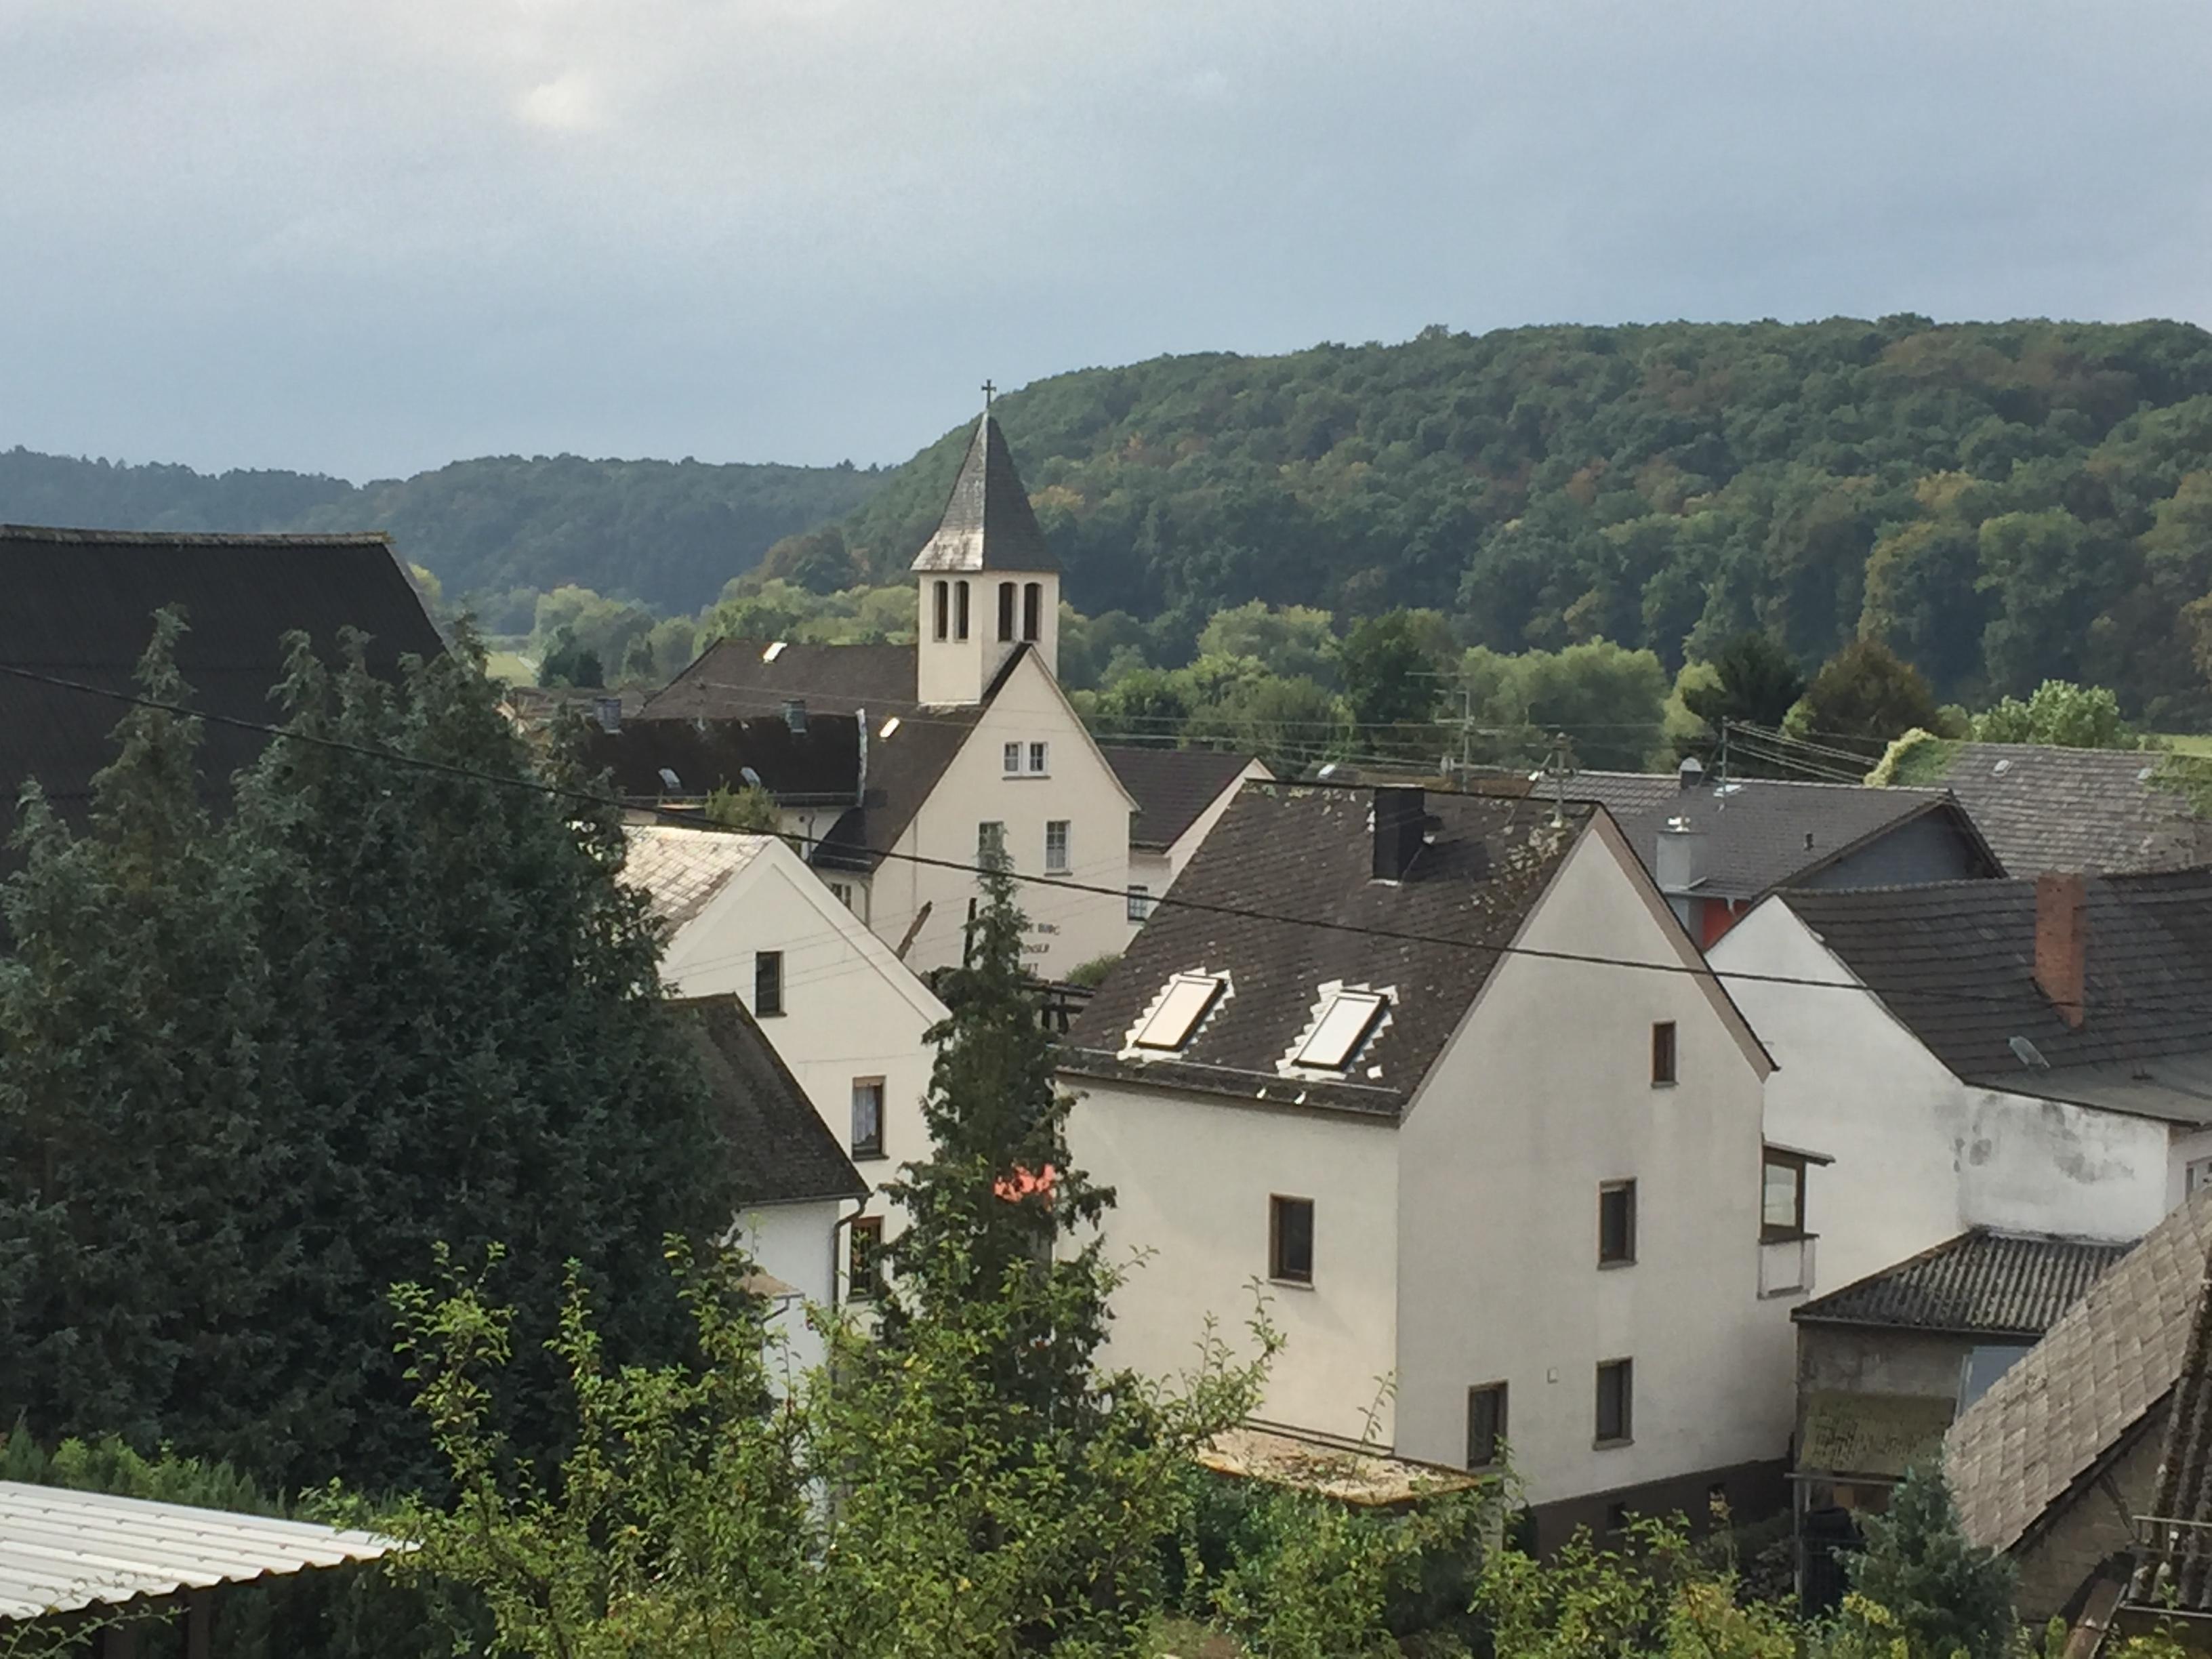 Blick von der Eichschulter auf das Unterdorf